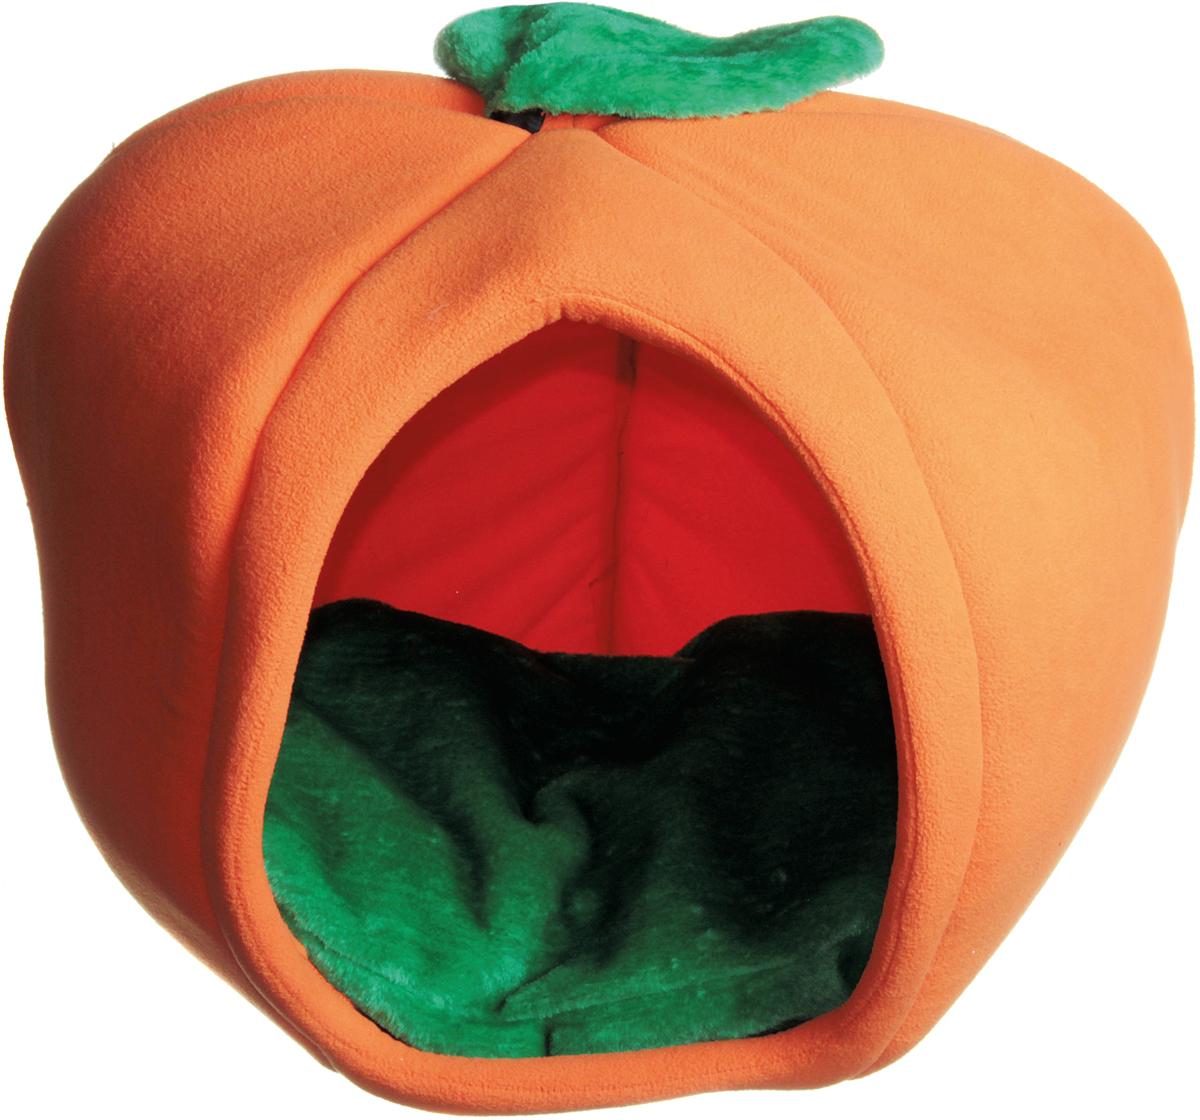 Домик для кошки Зооник Тыква, 50 х 50 х 40 см22120Домик Тыква для кошек и маленьких собак изготовлен из мягкого флиса. Основной цвет:оранжевый, цвет подклада: зеленый. Домик станет любимым местом отдыха вашего любимца и дополнит ваш интерьер необычным дизайном.